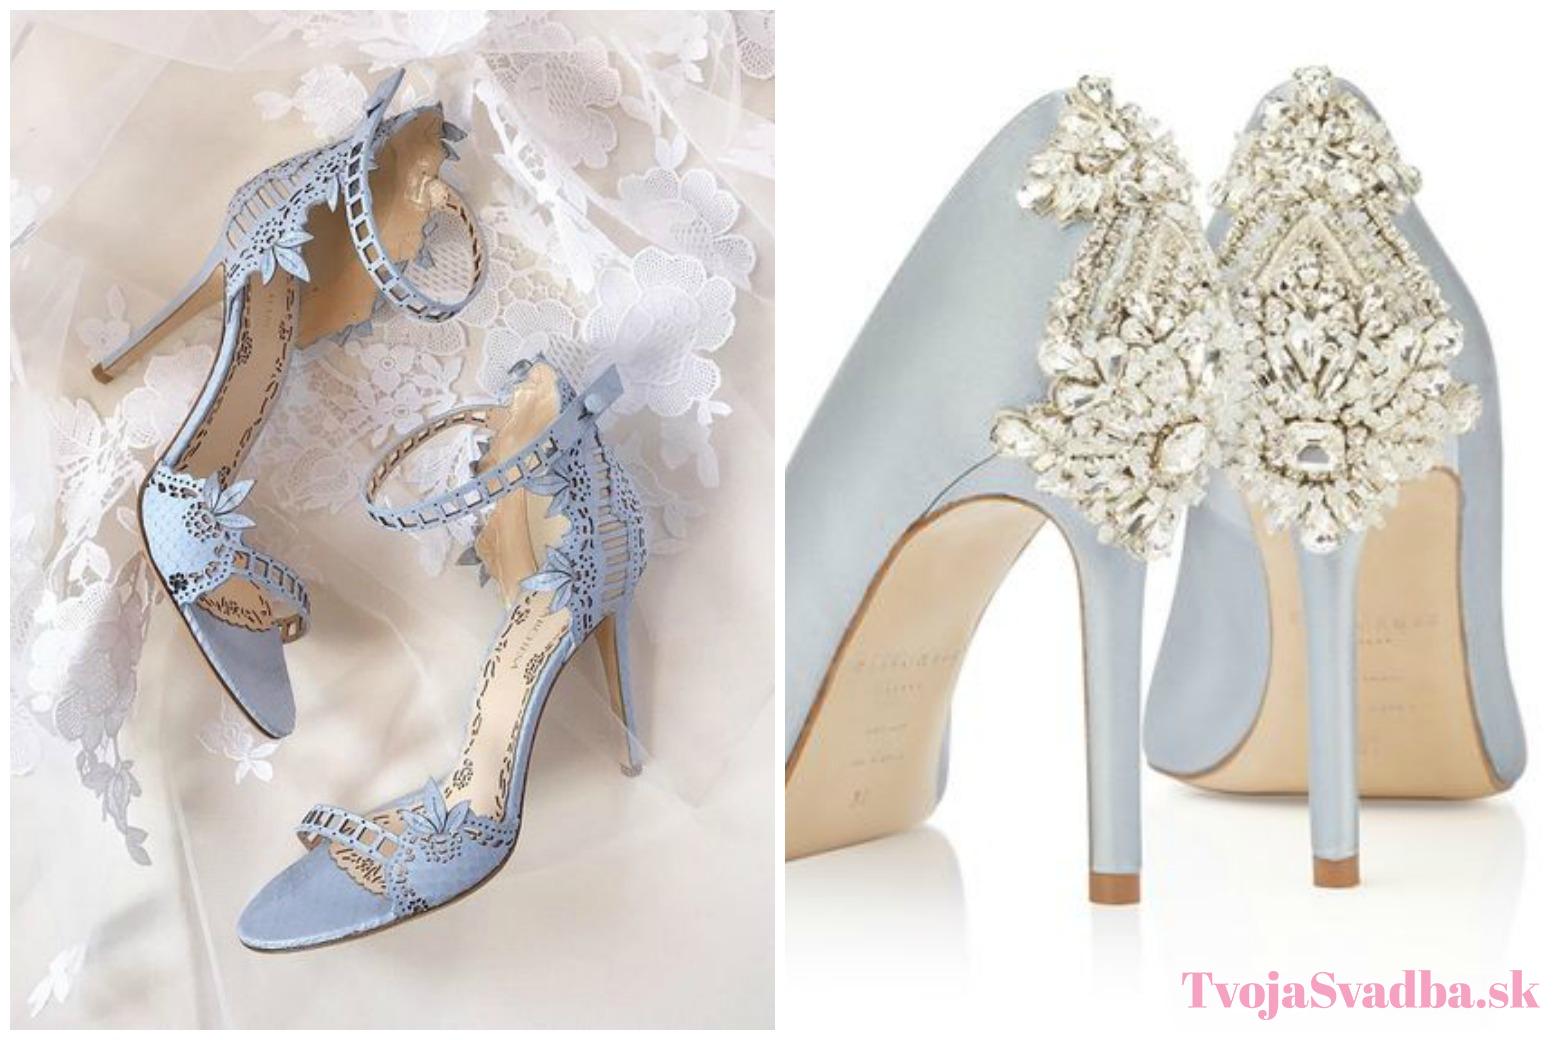 dd254e119b6cd Modrá svadobná výzdoba: Extravagantná a predsa romantická ...